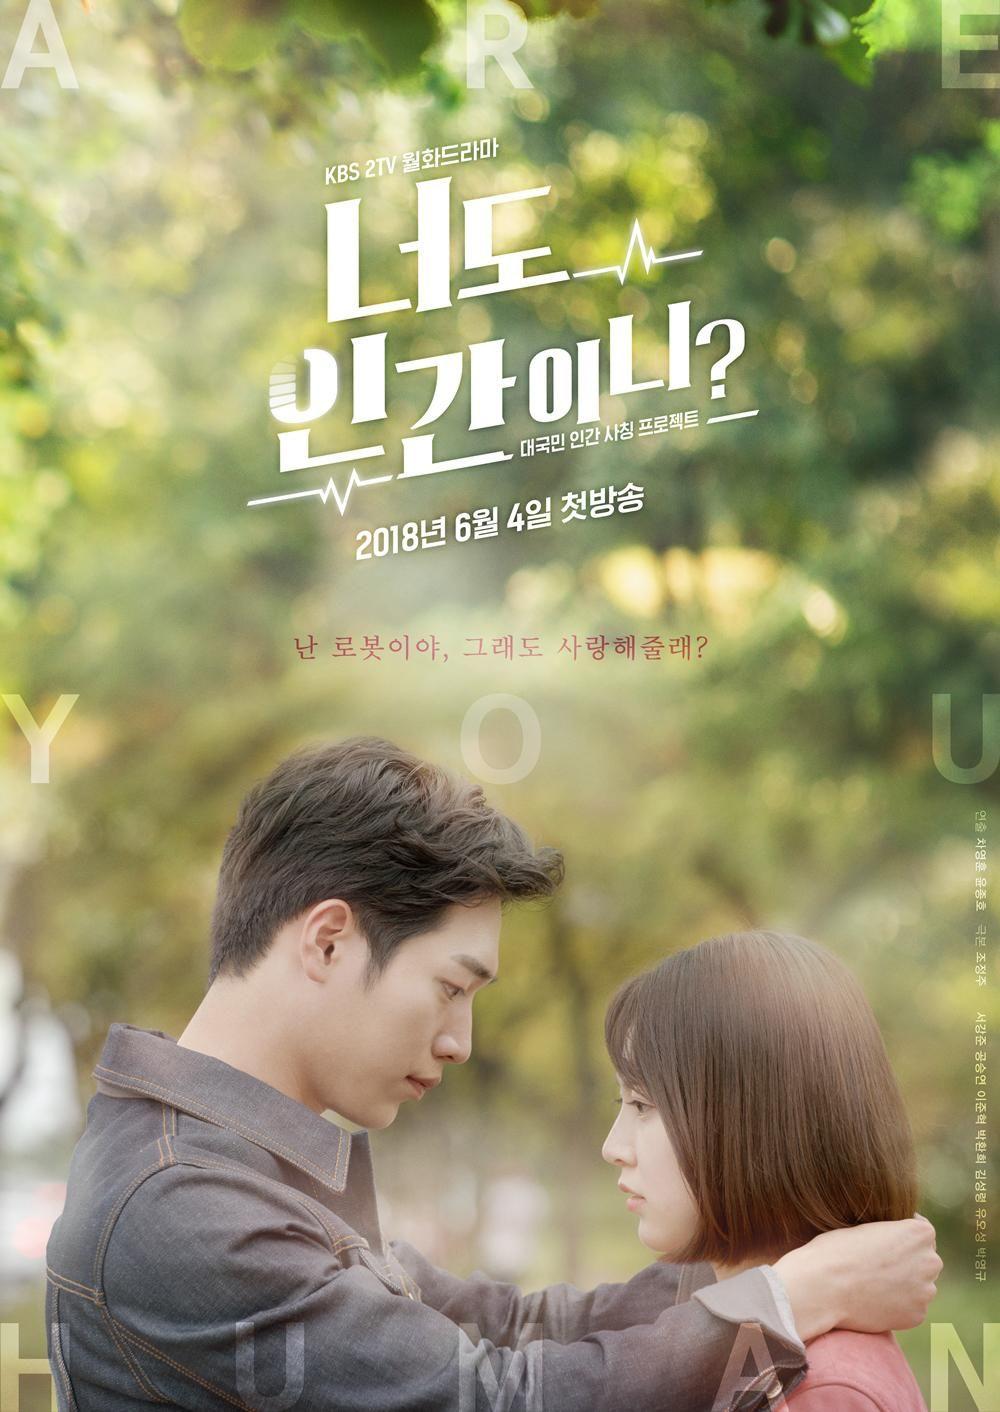 韩剧《你也是人类吗》海报图片